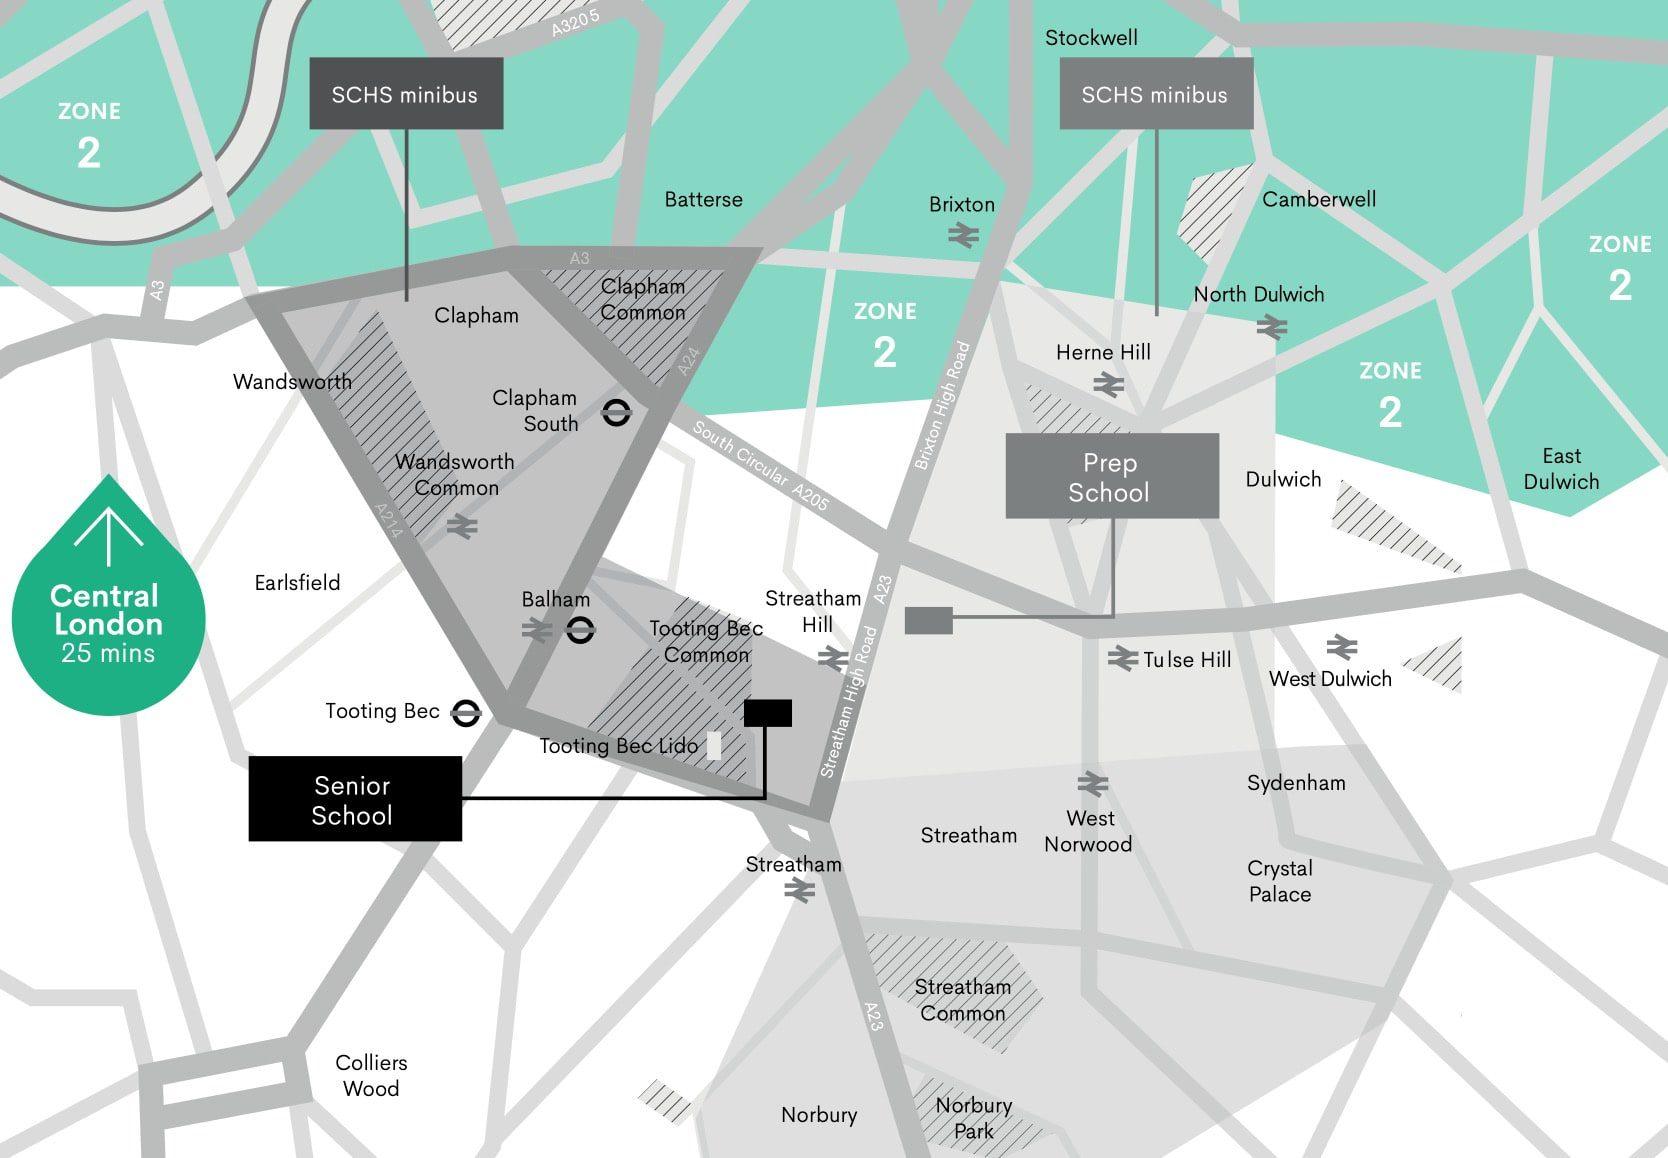 SCHS minibus routes